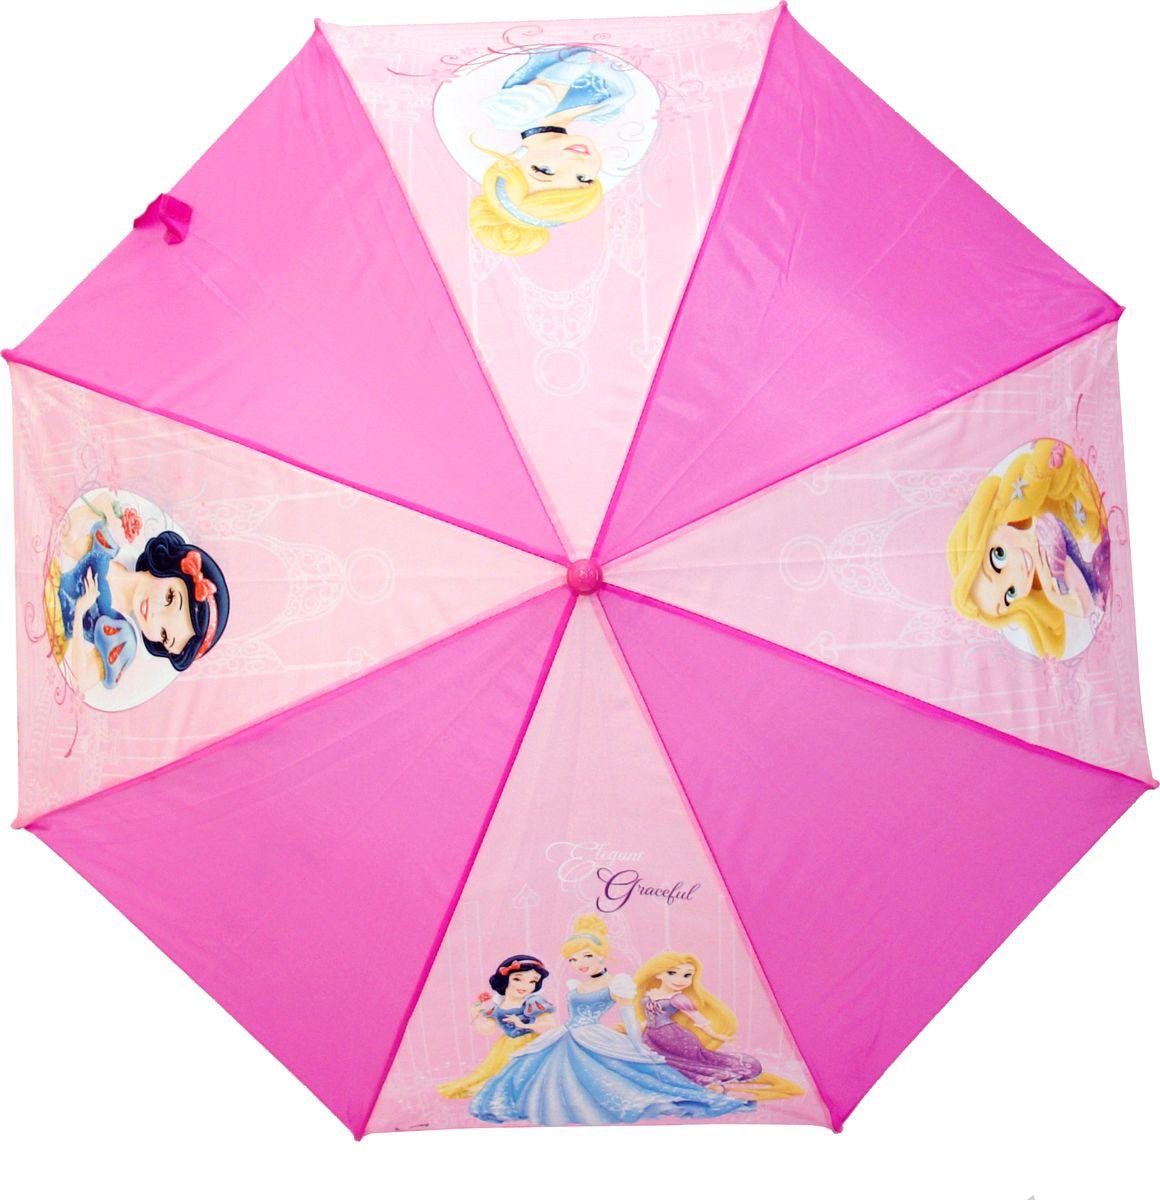 Зонт для девочки Disney Princess, цвет: розовый. 34443444_розовыйКомпактный детский зонтик-трость станет замечательным подарком для Вашего чада и защитит его не только от дождя, но и от солнца. Красочный дизайн зонтика поднимет настроение и станет незаменимым атрибутом прогулки. Ребенок сможет сам открывать и закрывать зонтик, благодаря легкому механизму, а оригинальная расцветка зонтика привлечет к себе внимание. Тип механизма: автоматический (открывается автом/закрывается вручную). Конструкция зонта: зонт-трость. Материал: пластик, полиэстер, металл.